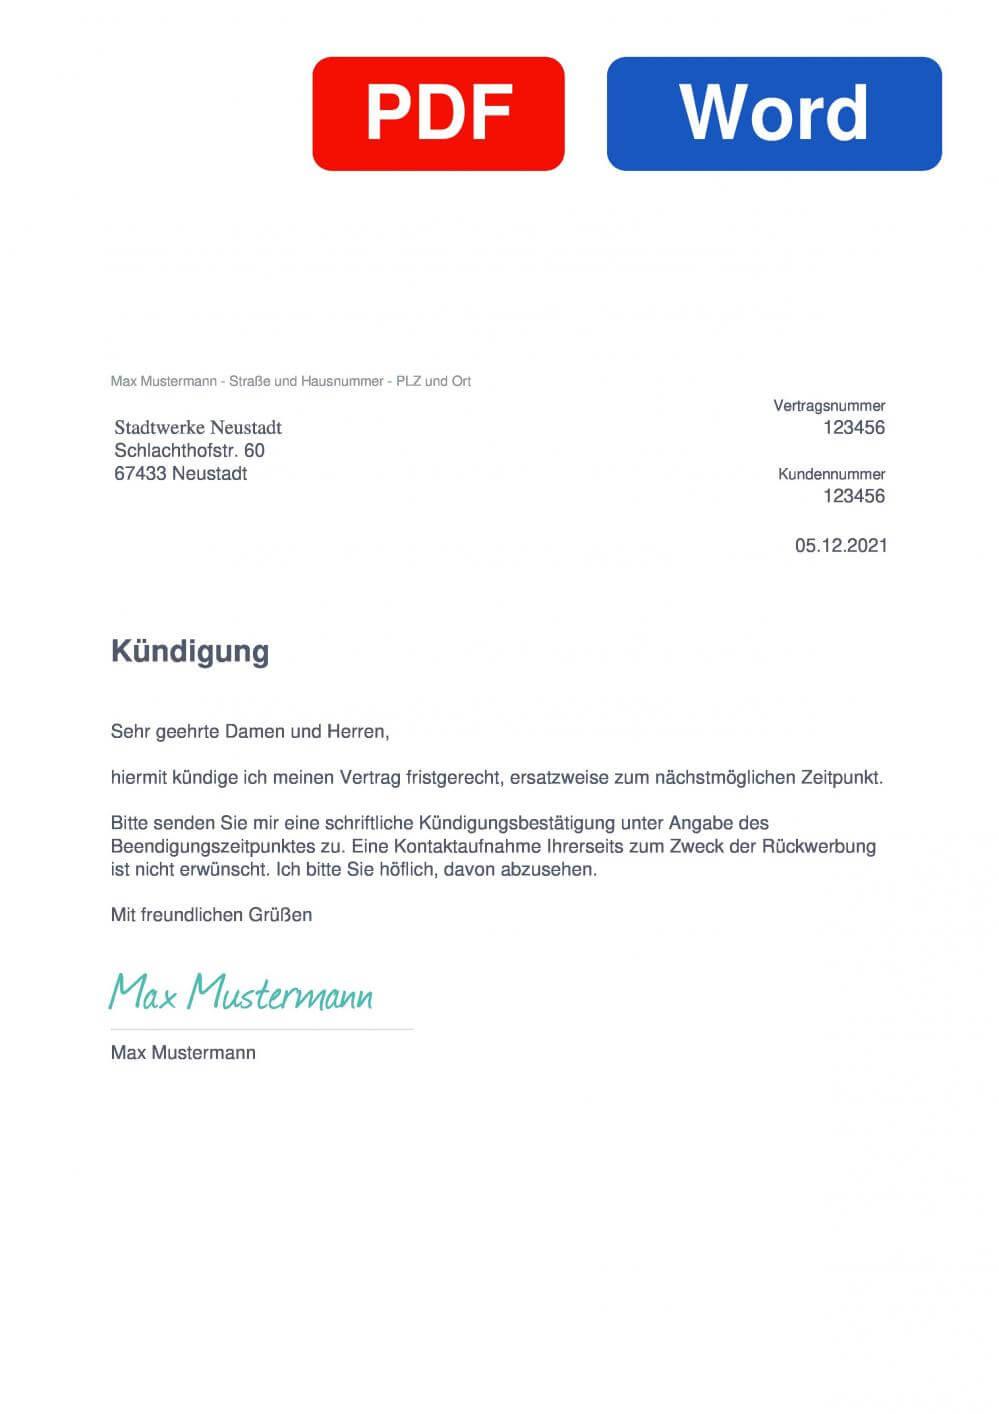 Stadtwerke Neustadt Muster Vorlage für Kündigungsschreiben